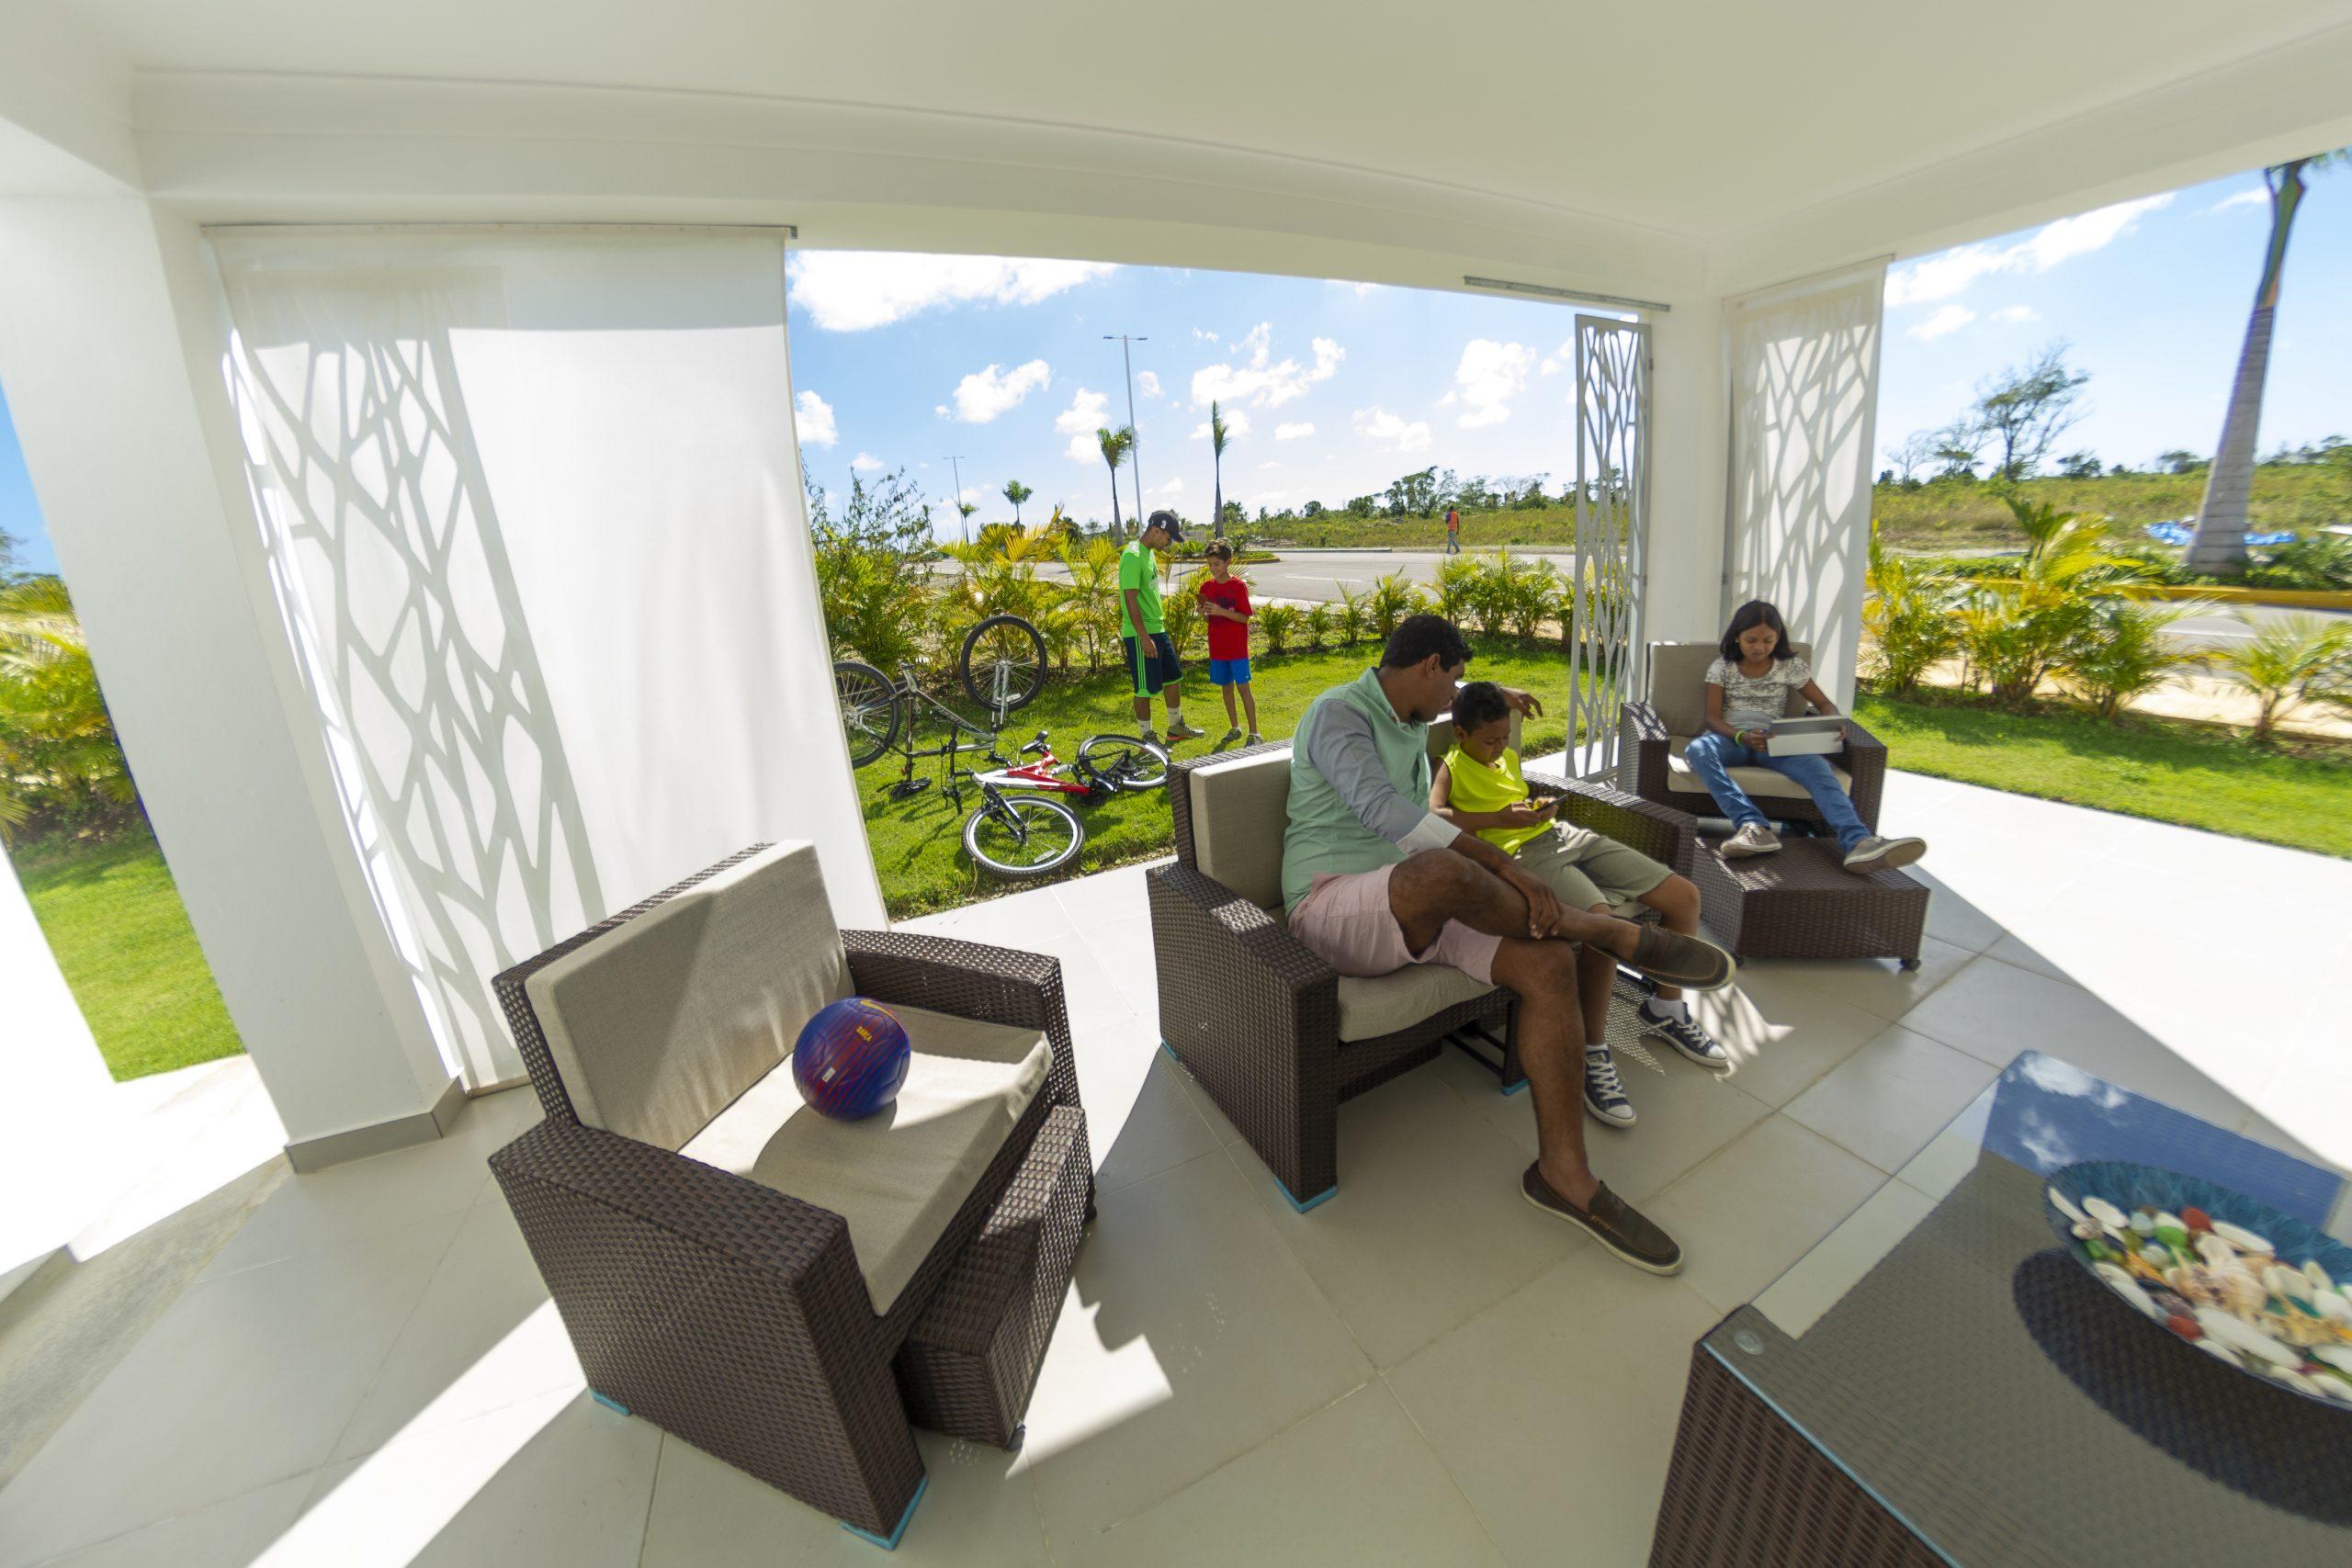 Segunda Vivienda Oasis del Lago, Villas con Patio y piscina en Punta Cana Regis Jimenez 1-809-350-4540